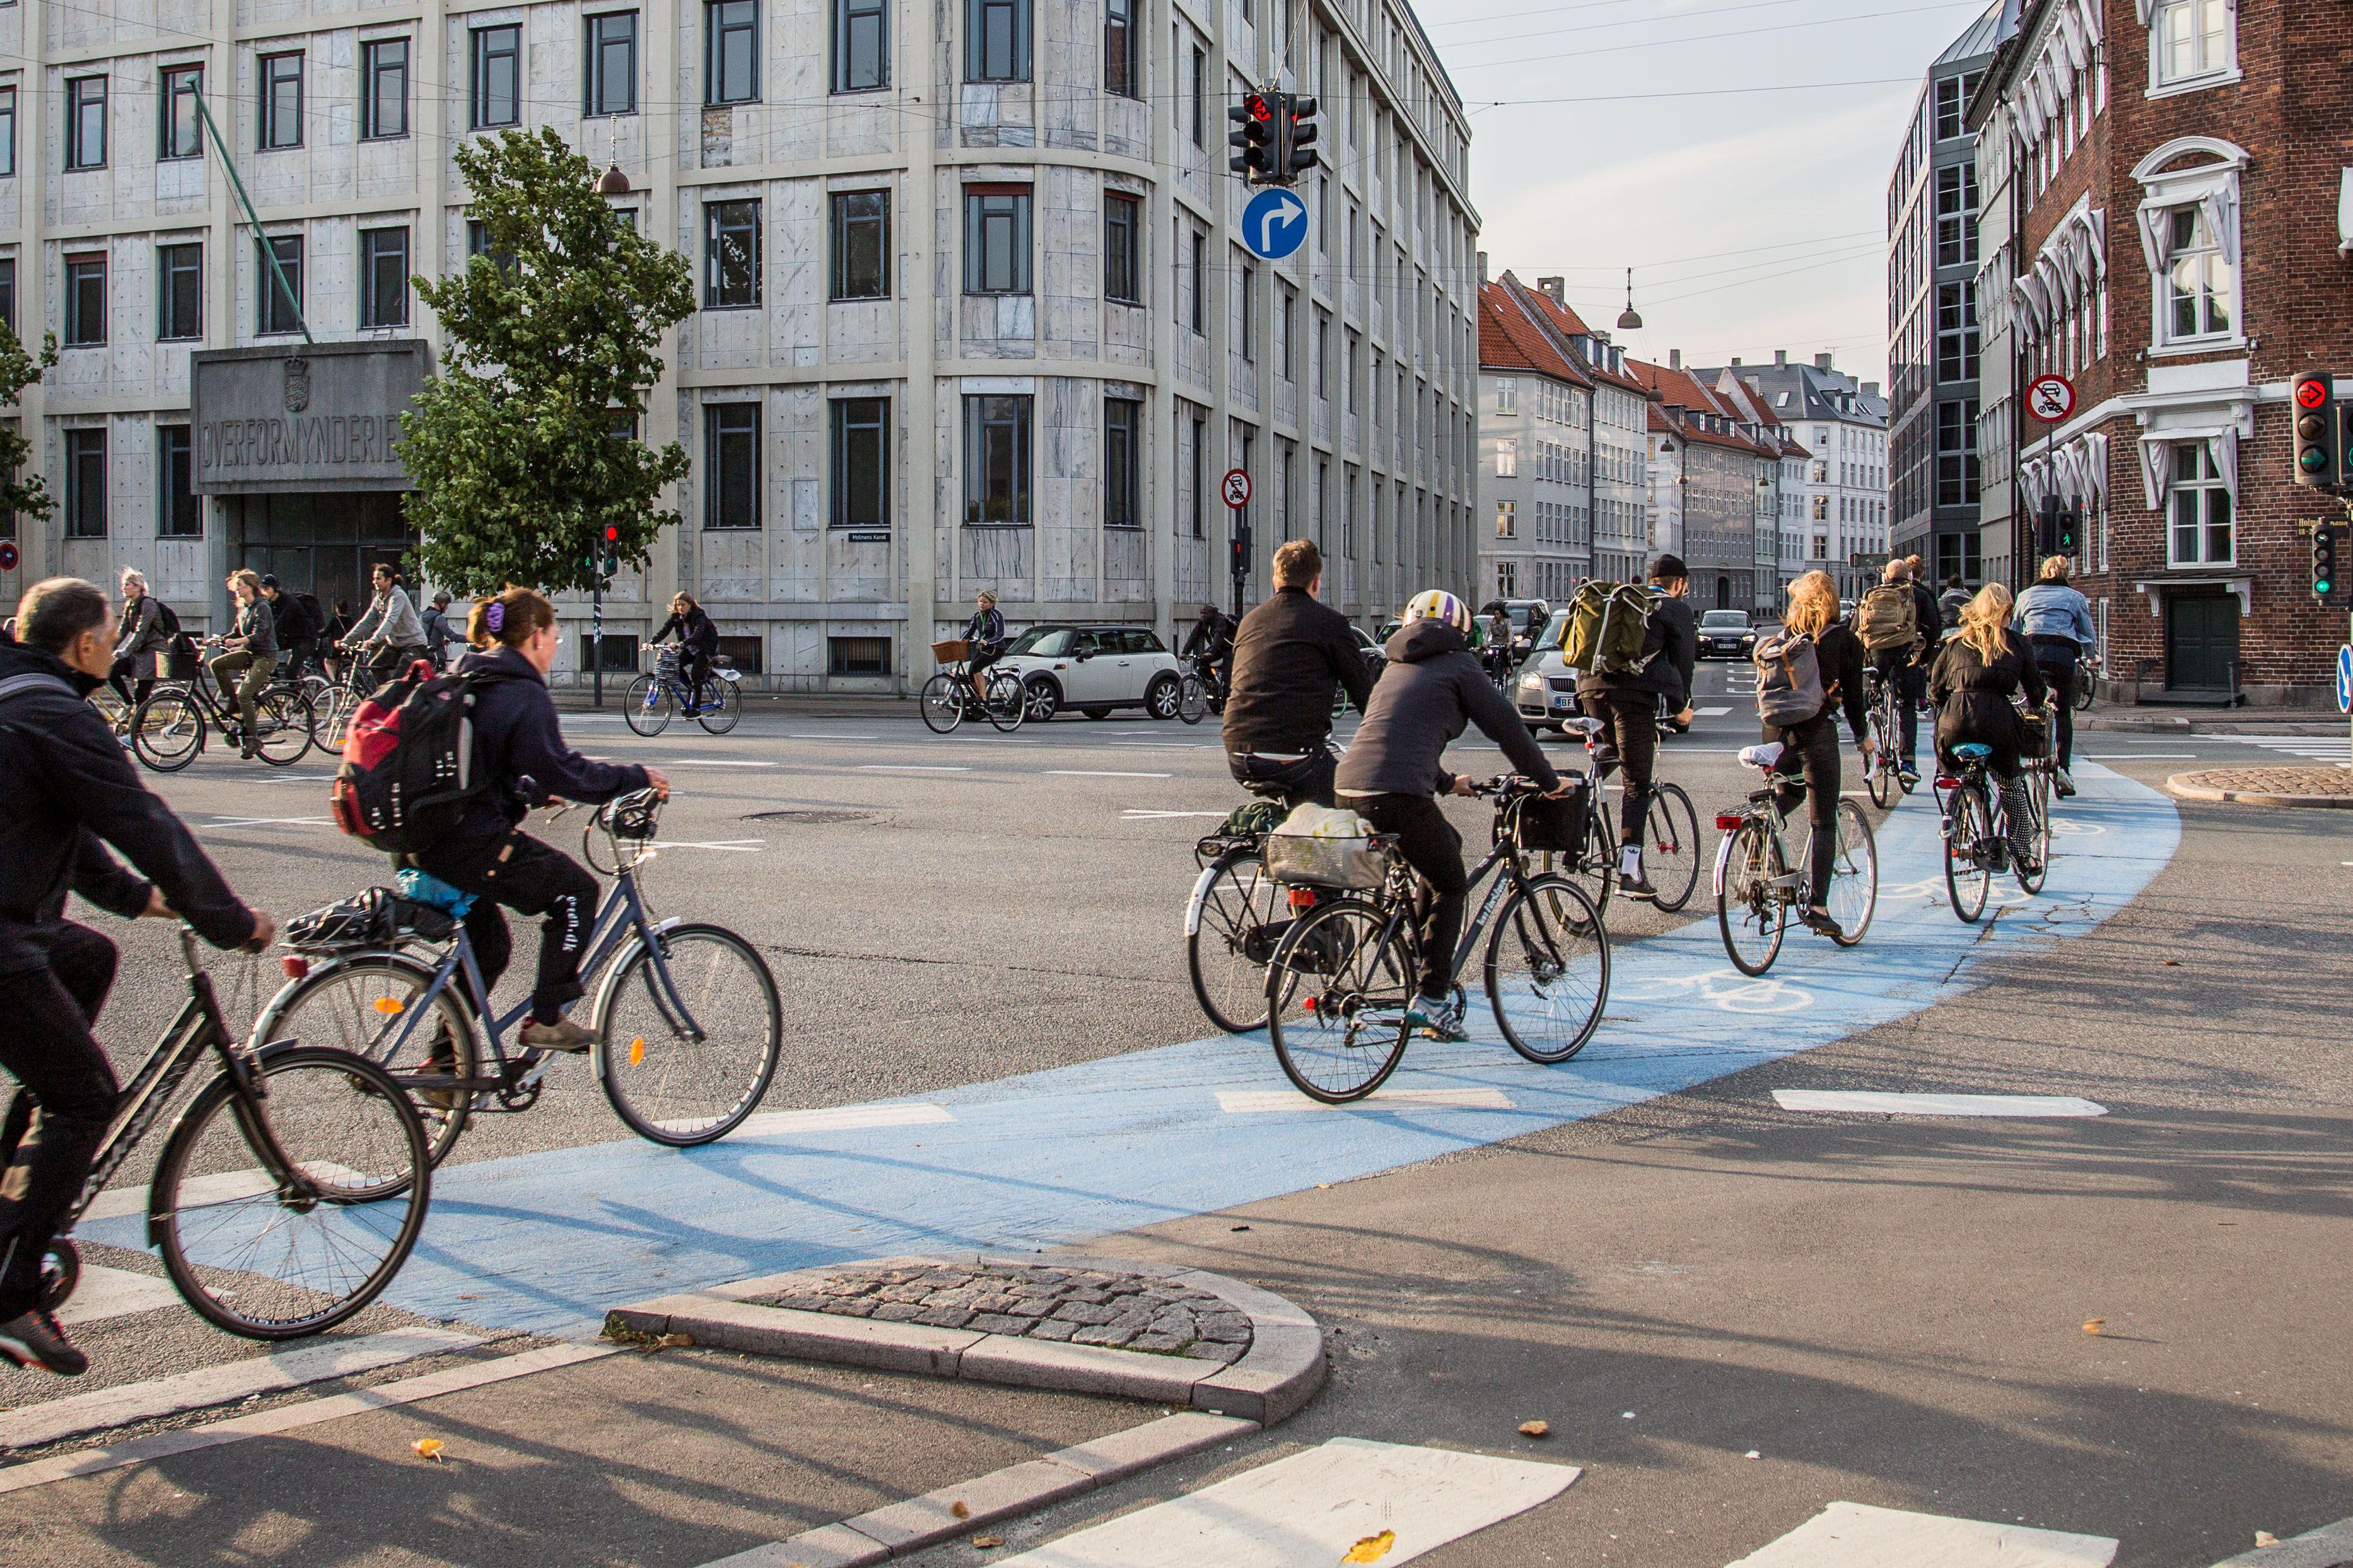 Los holandeses hacen 1000 kilómetros al año de media en bicicleta ...